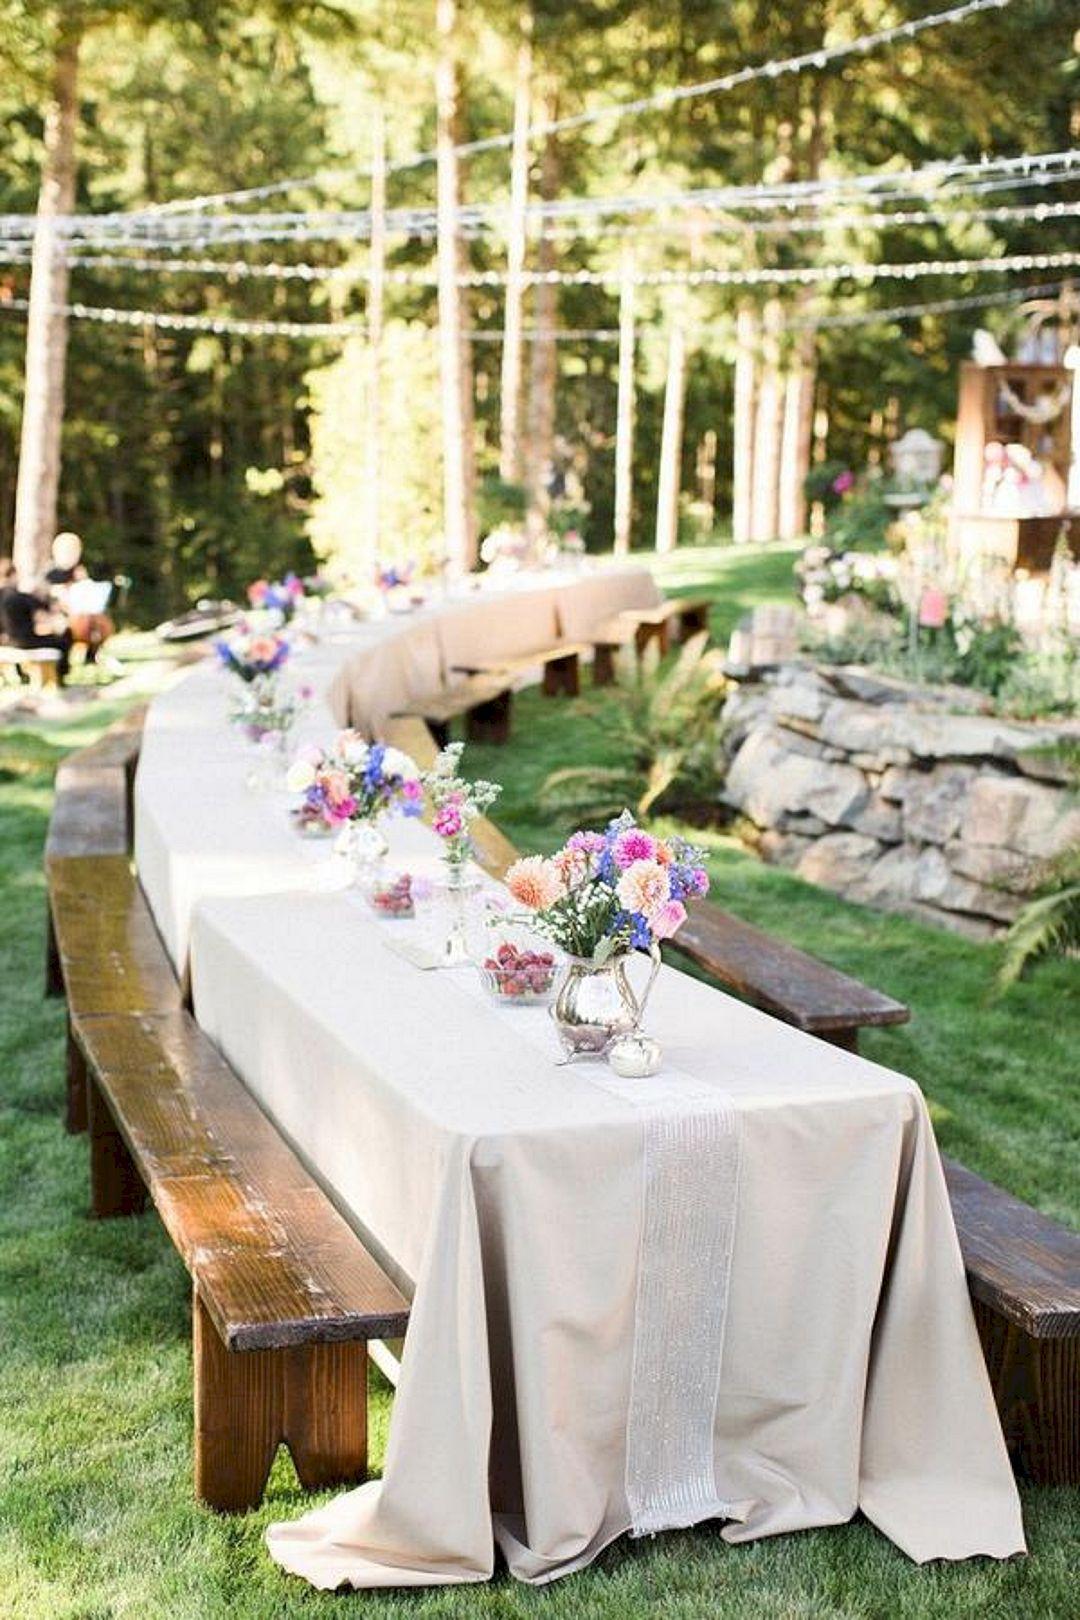 Decoración Matrimonio Rustico : Decoración boda rústica innovias